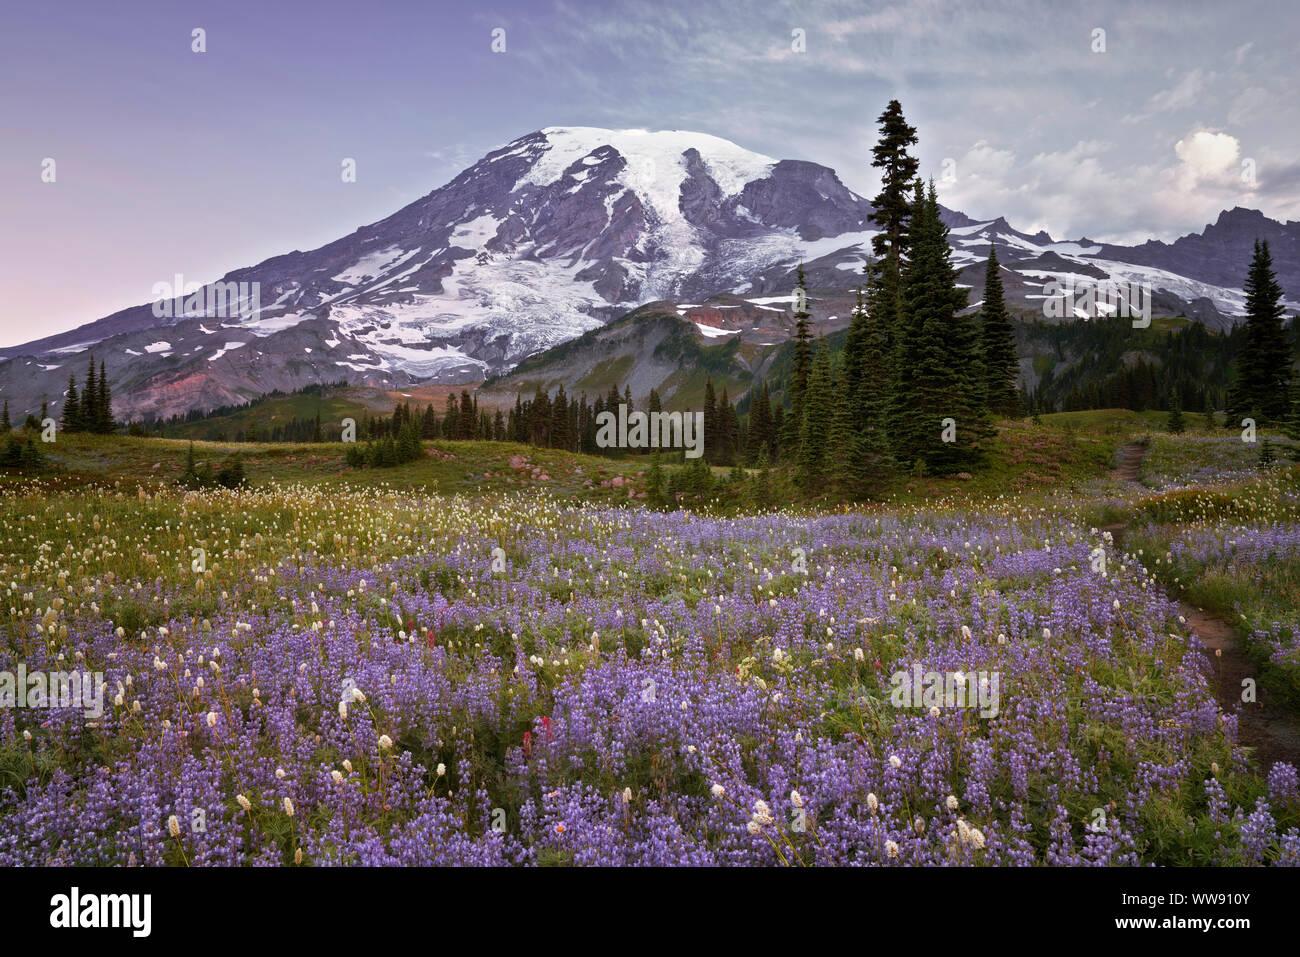 La floraison de la bistorte cotonneuse doux donne une apparence de neige parmi le brouillard dans la vallée du Paradis Washington's Mt Rainier National Park. Banque D'Images